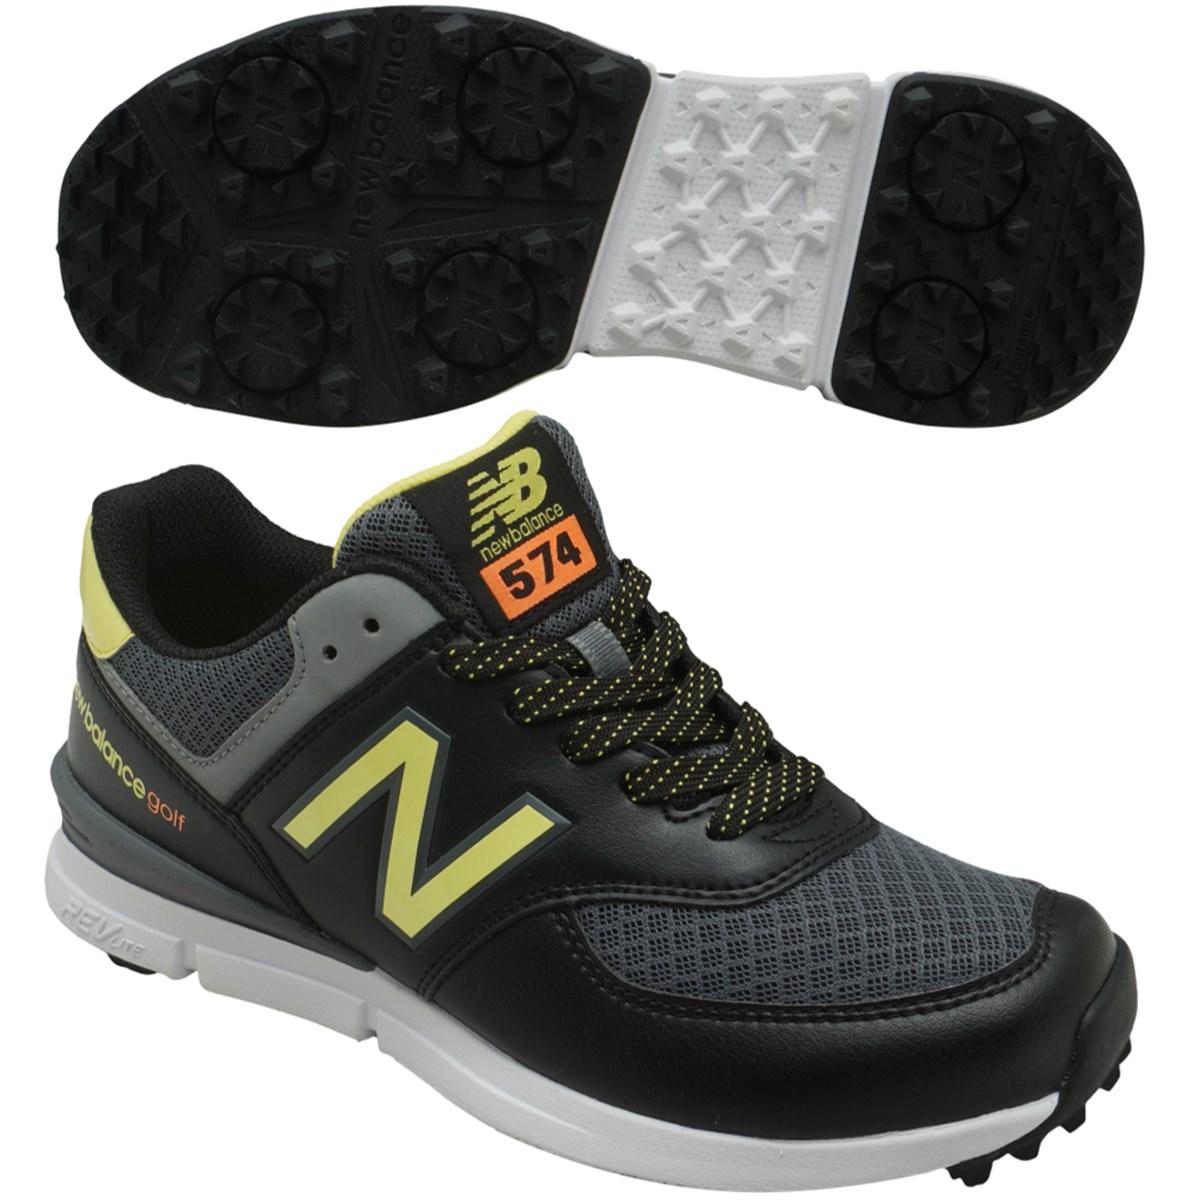 ニューバランス New Balance スパイクレスシューズ UGS574 22.5cm ブラック/ライム